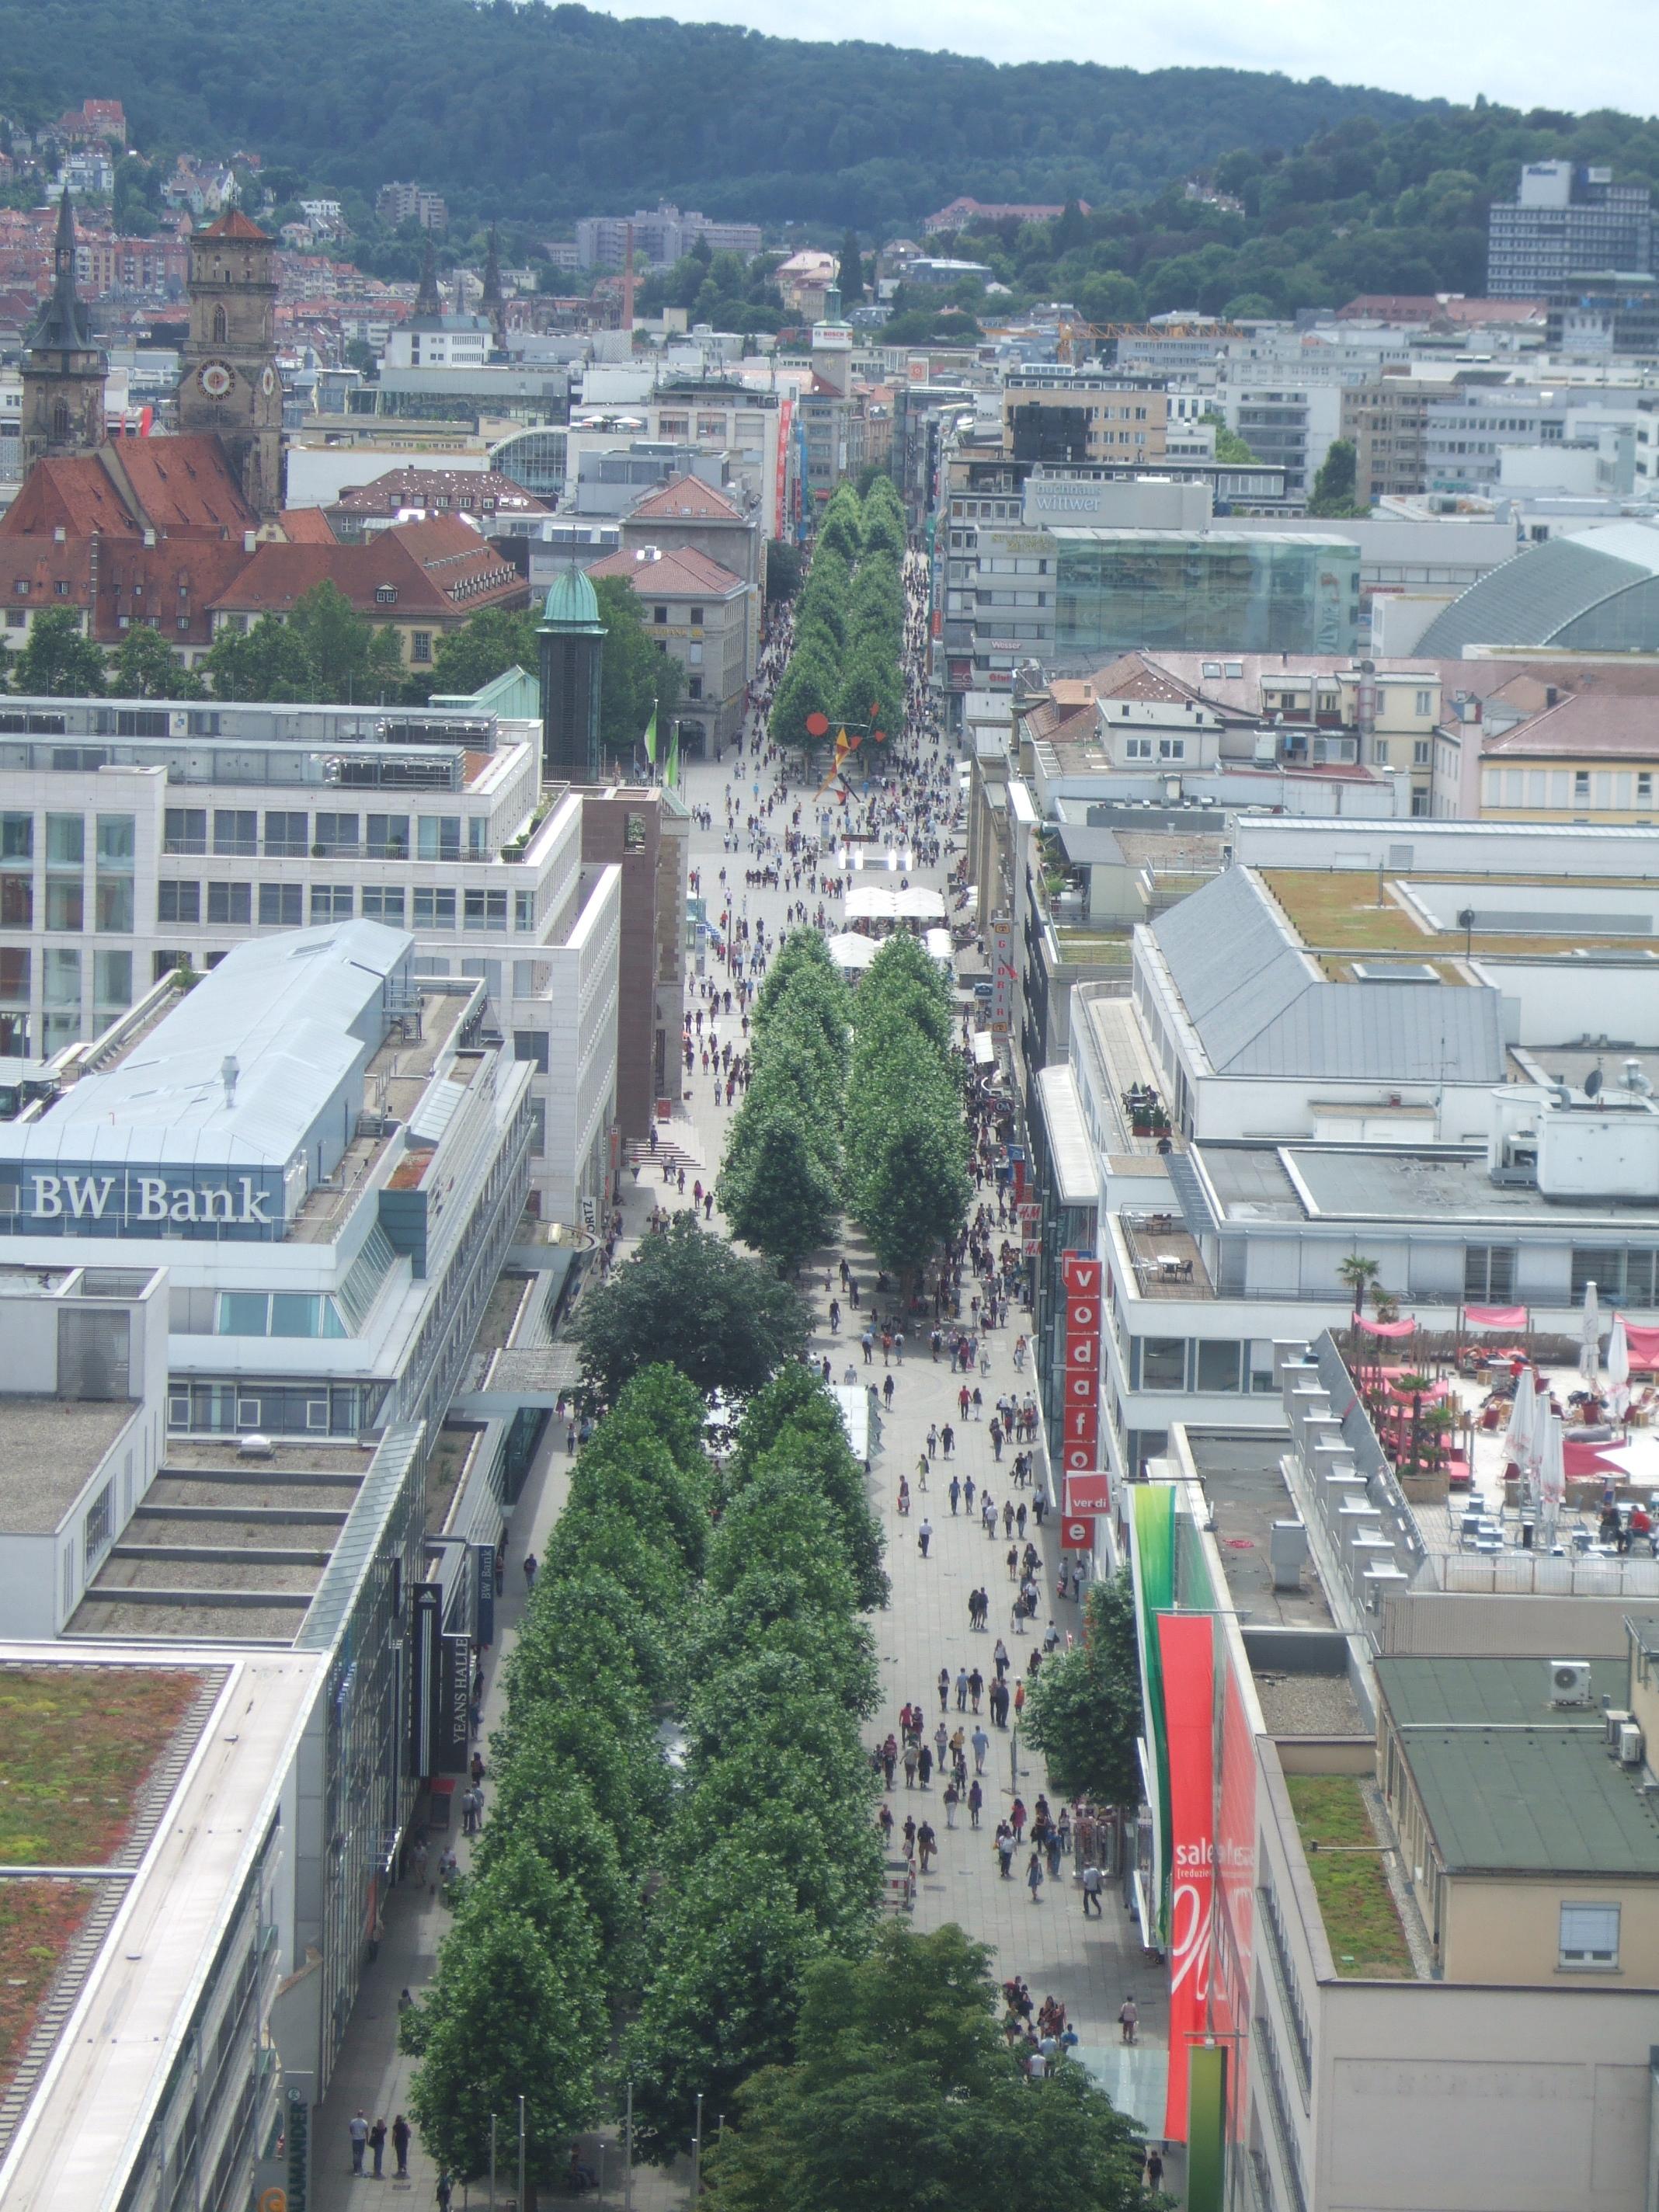 Klassenfahrt stuttgart le tours - Wintergarten stuttgart ...